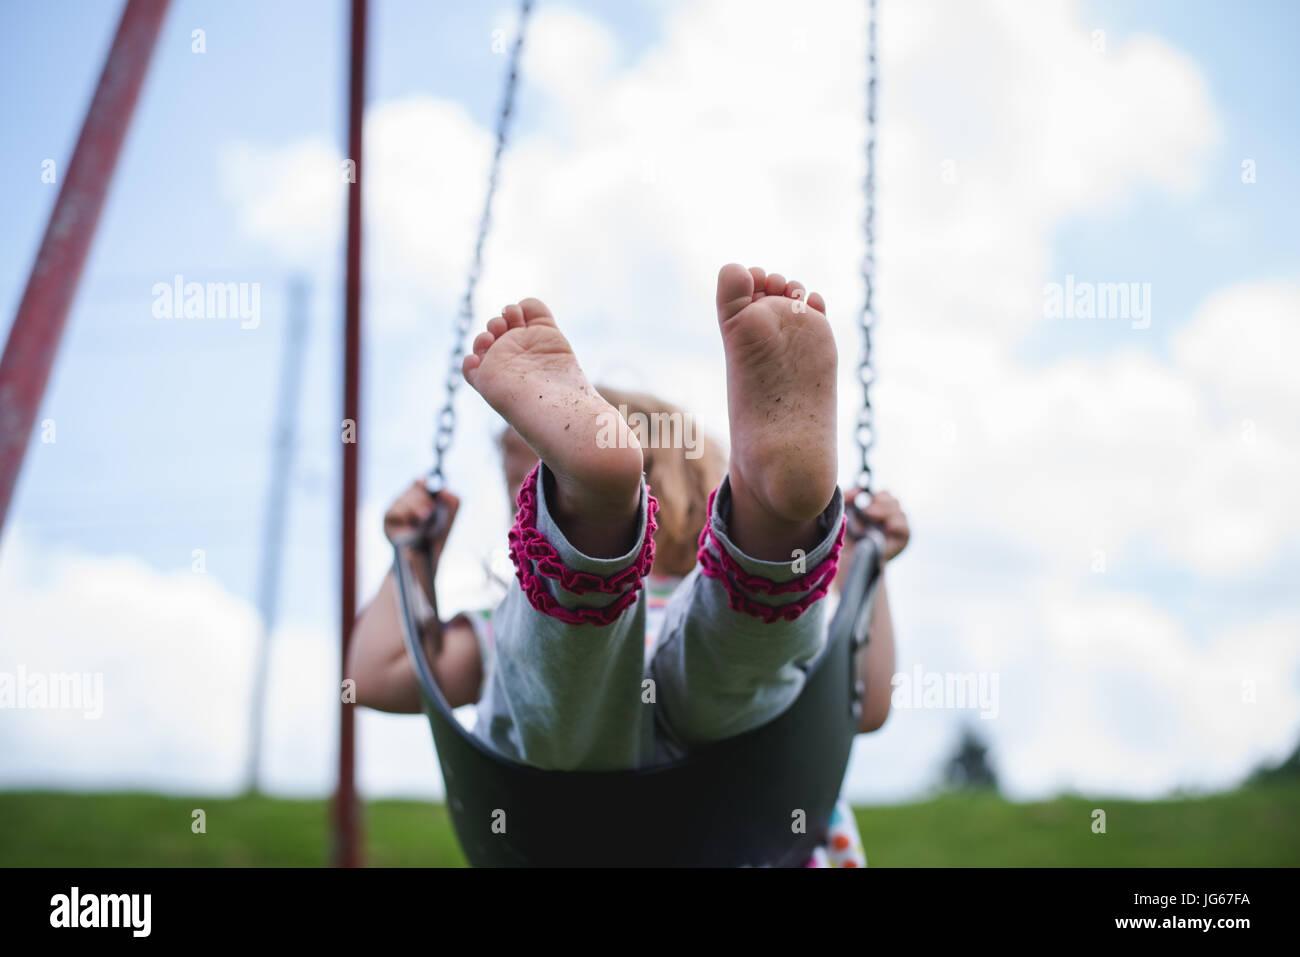 Ein Kind spielt auf einem Spielplatz Stockbild